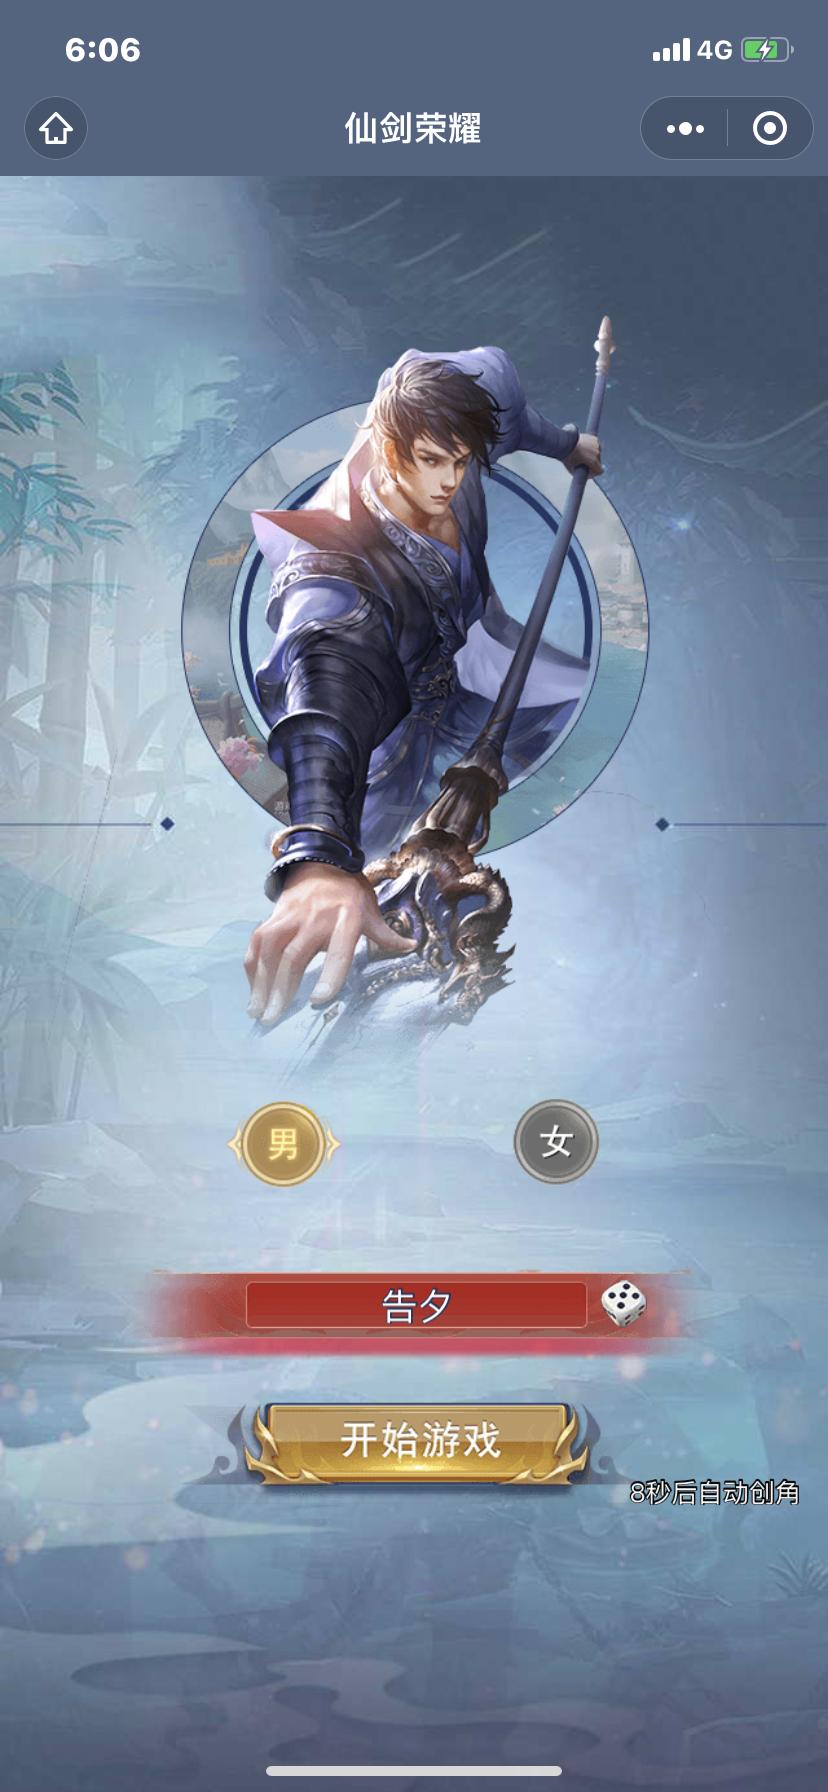 仙剑荣耀手机版